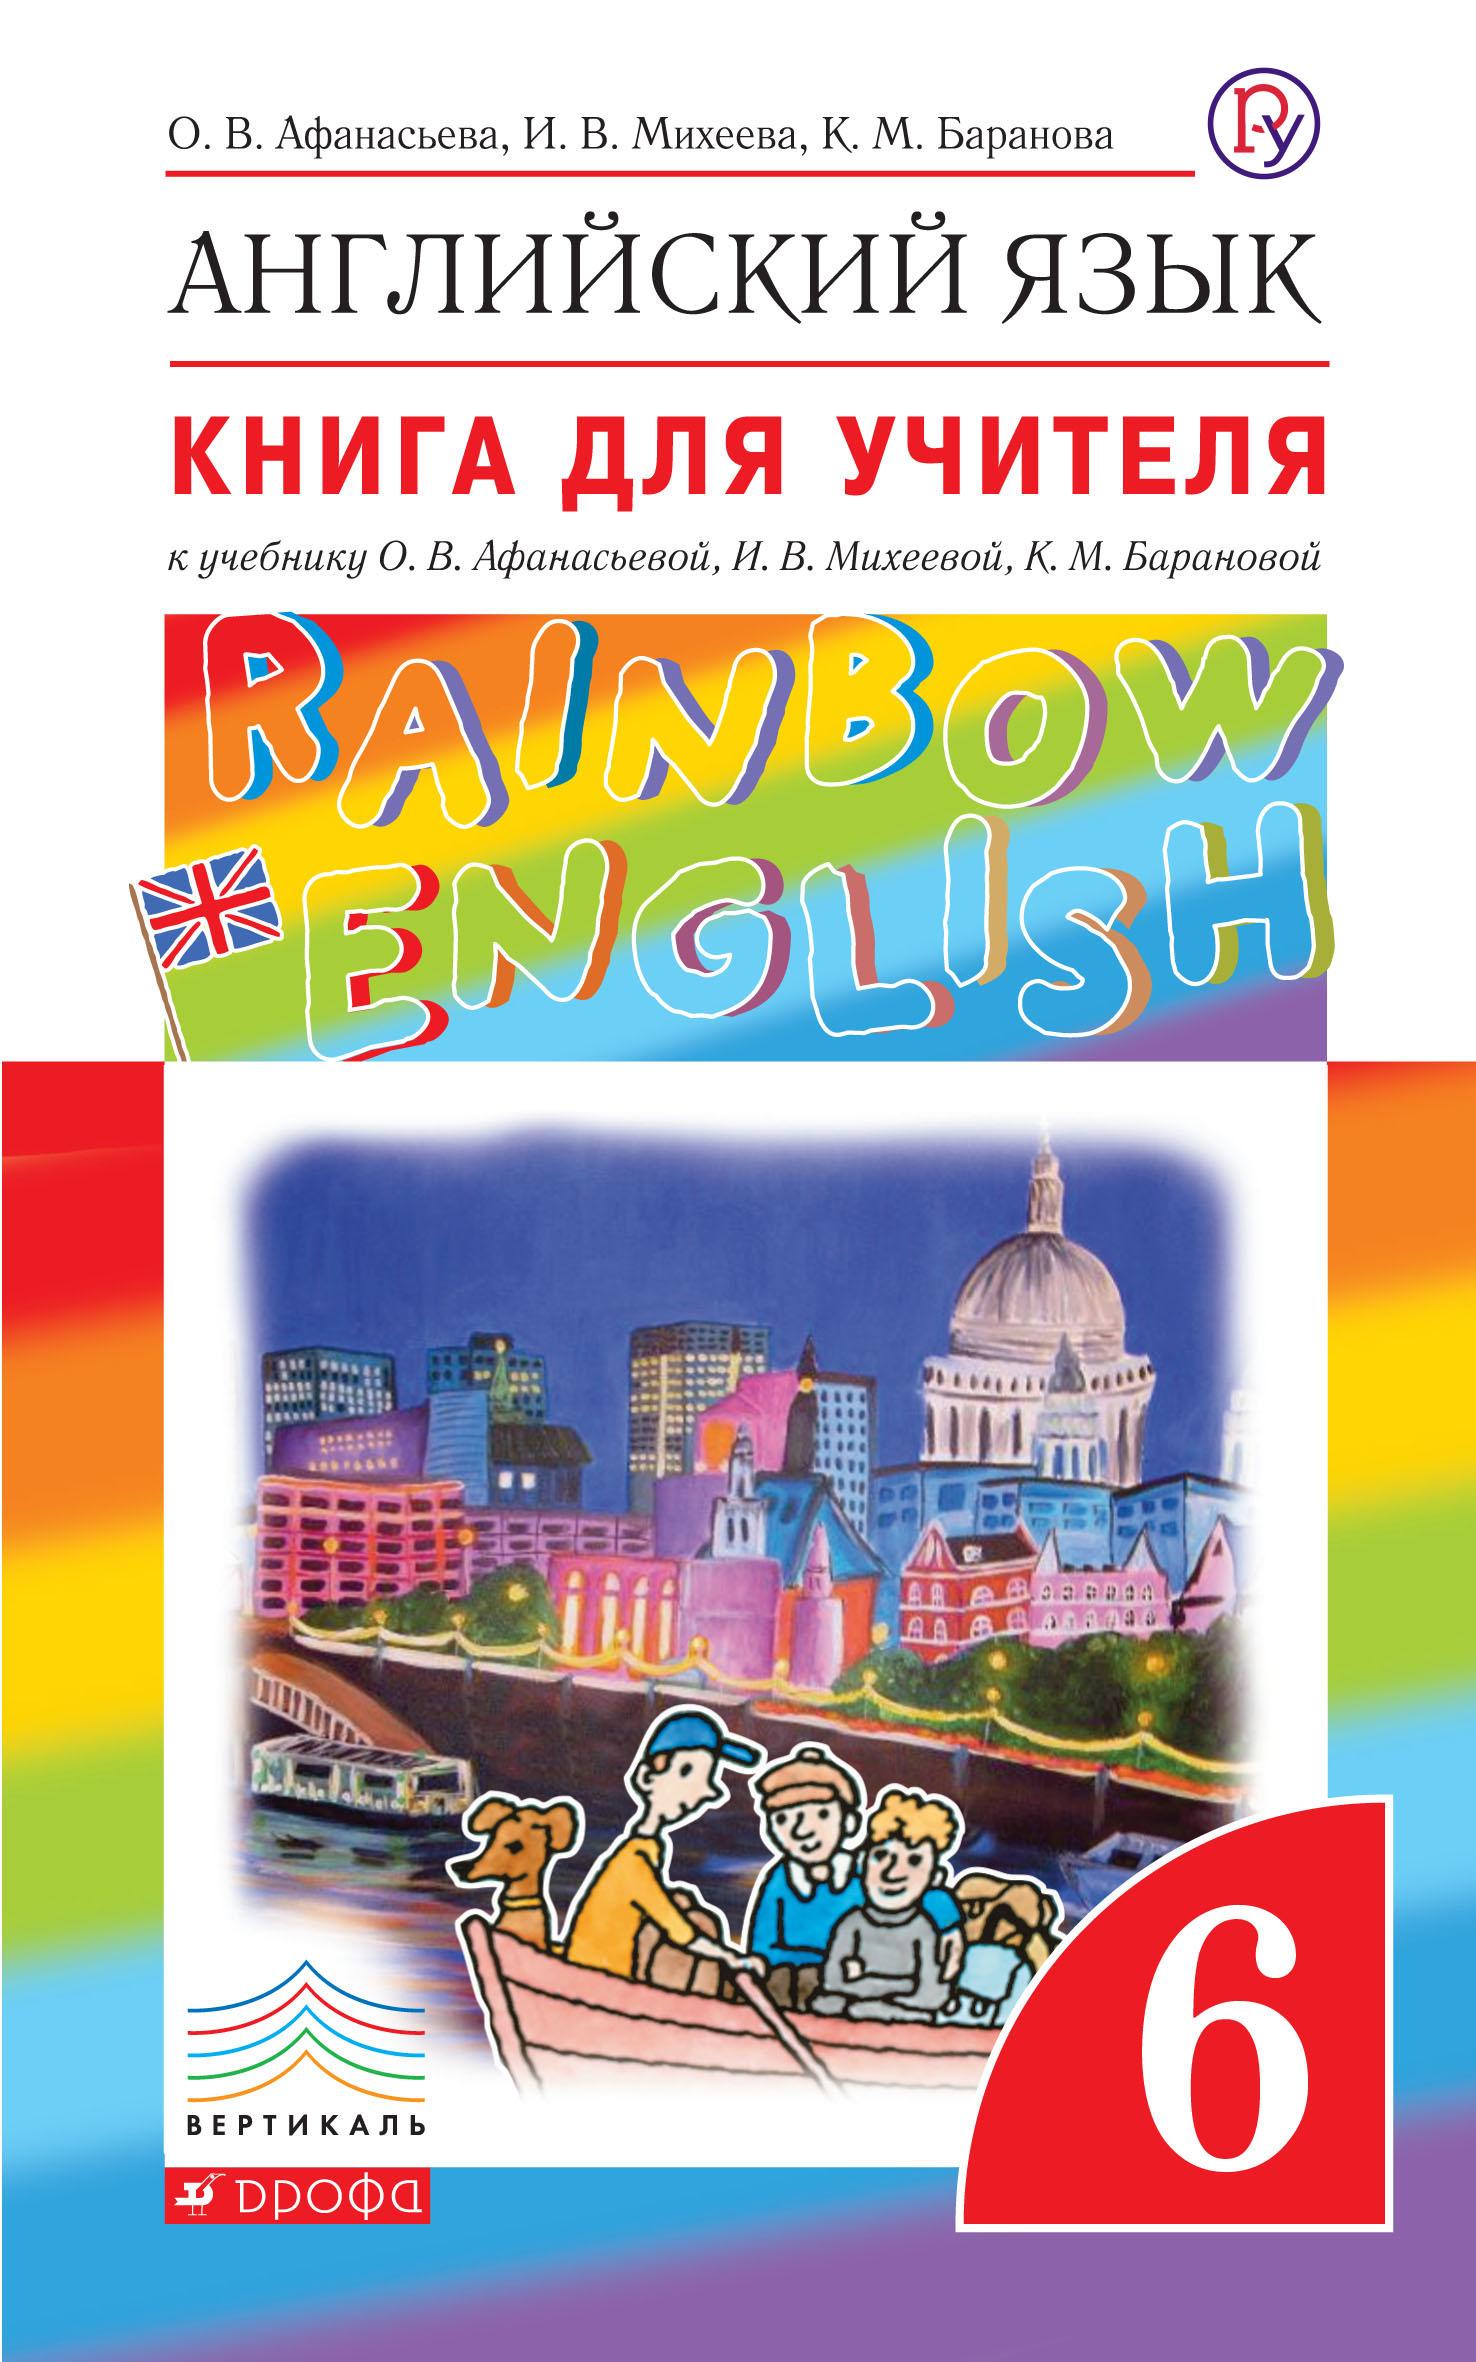 решебник по английскому книга для учителя